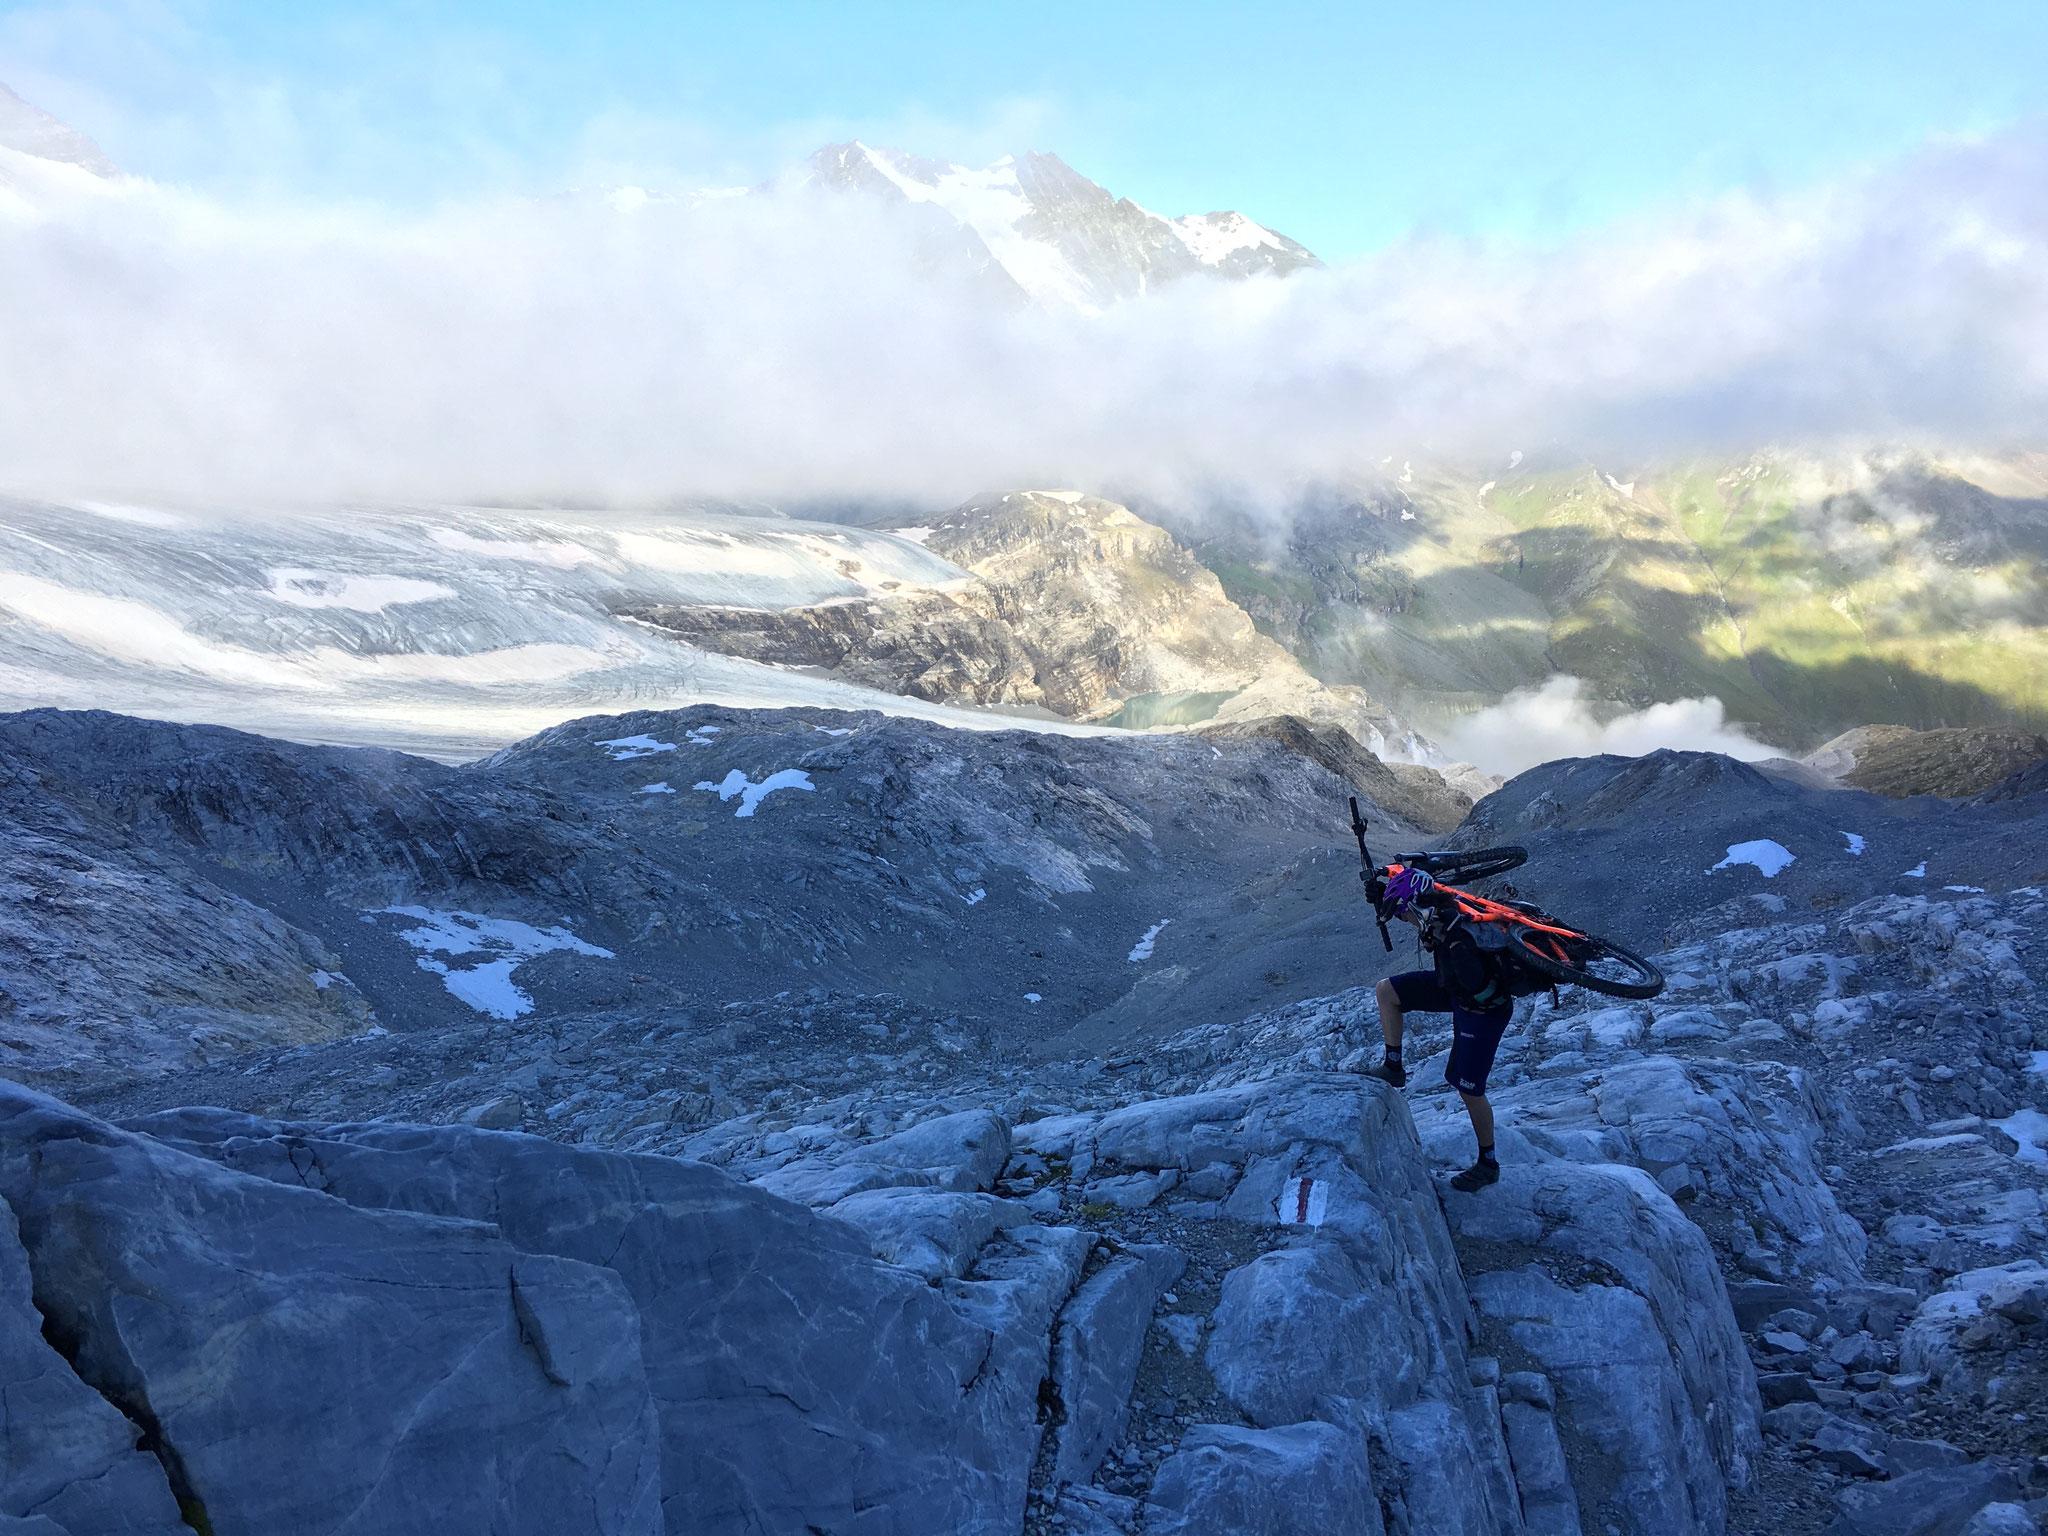 Alles andere als ein Kinderspiel. 1000 Höhenmeter stossen und tragen bis zum Gipfel.